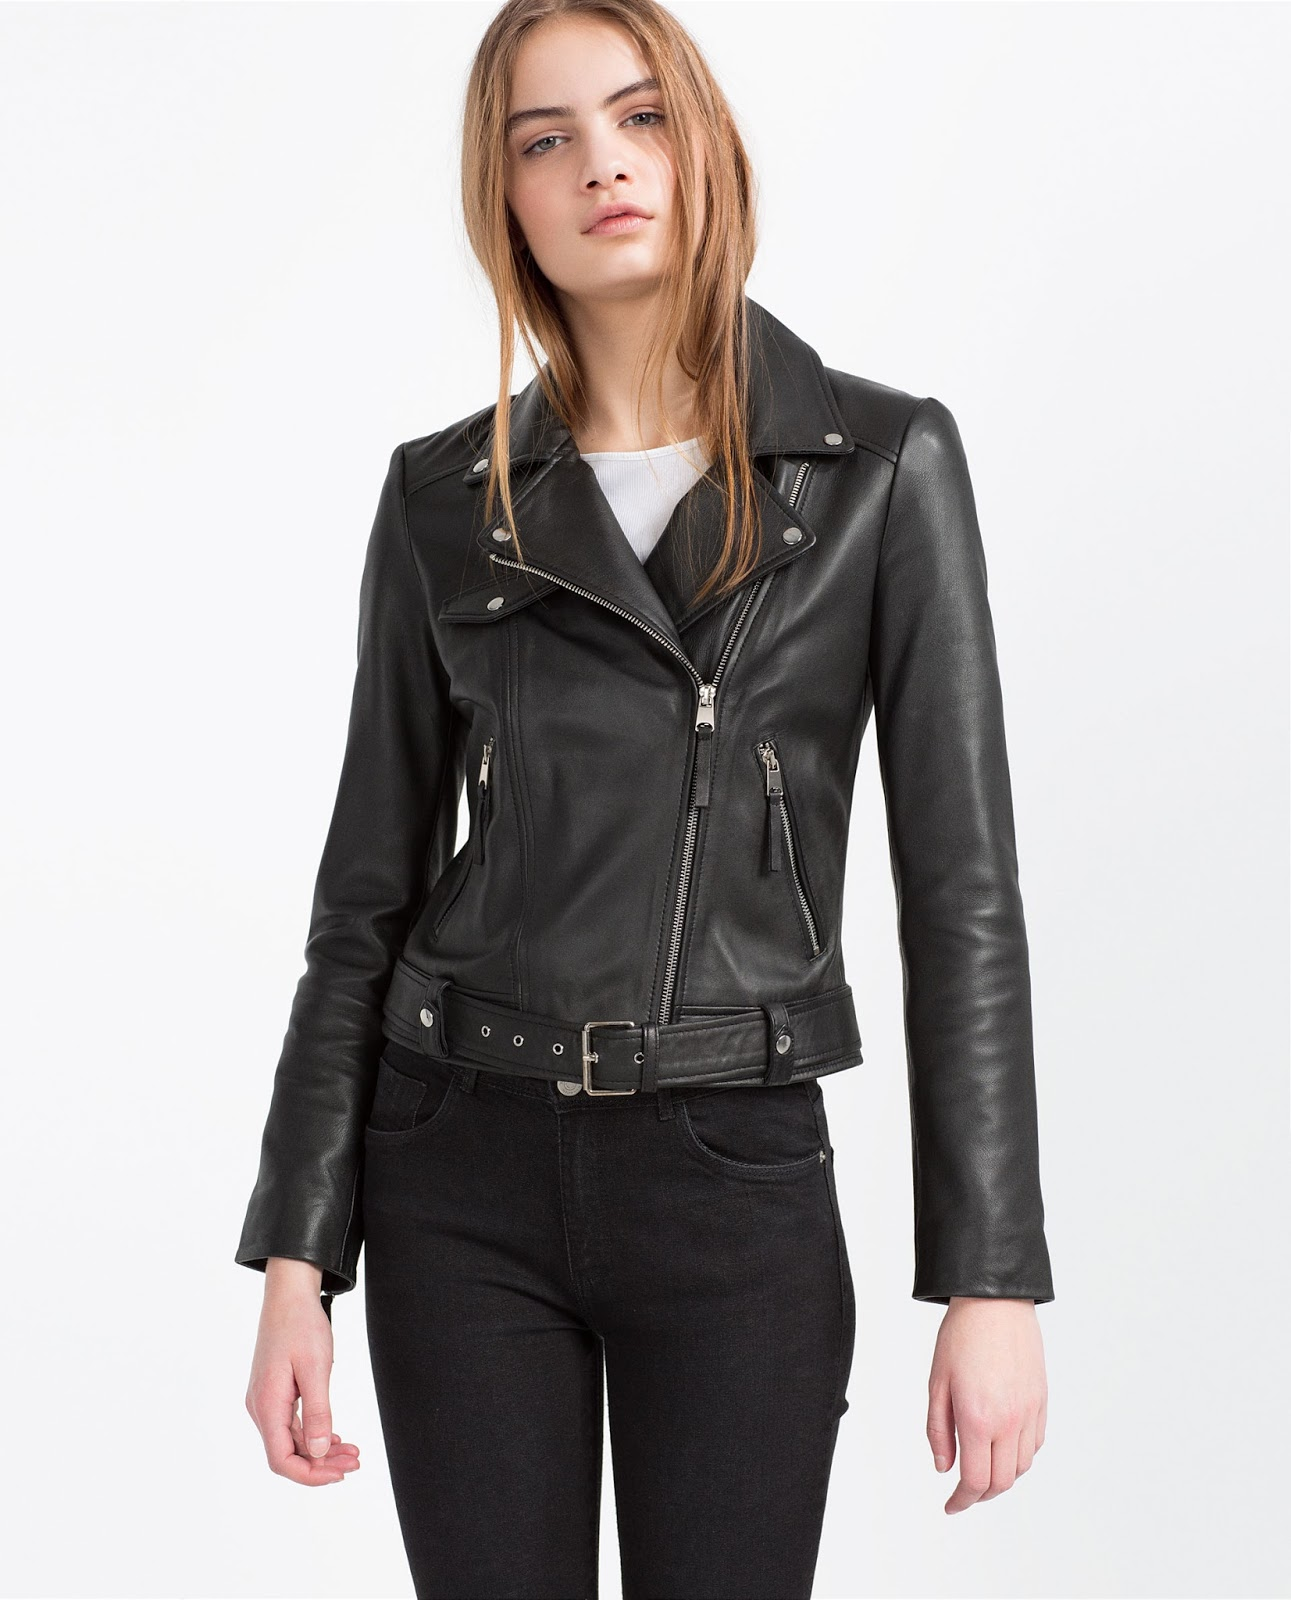 Zara womens coats 2016